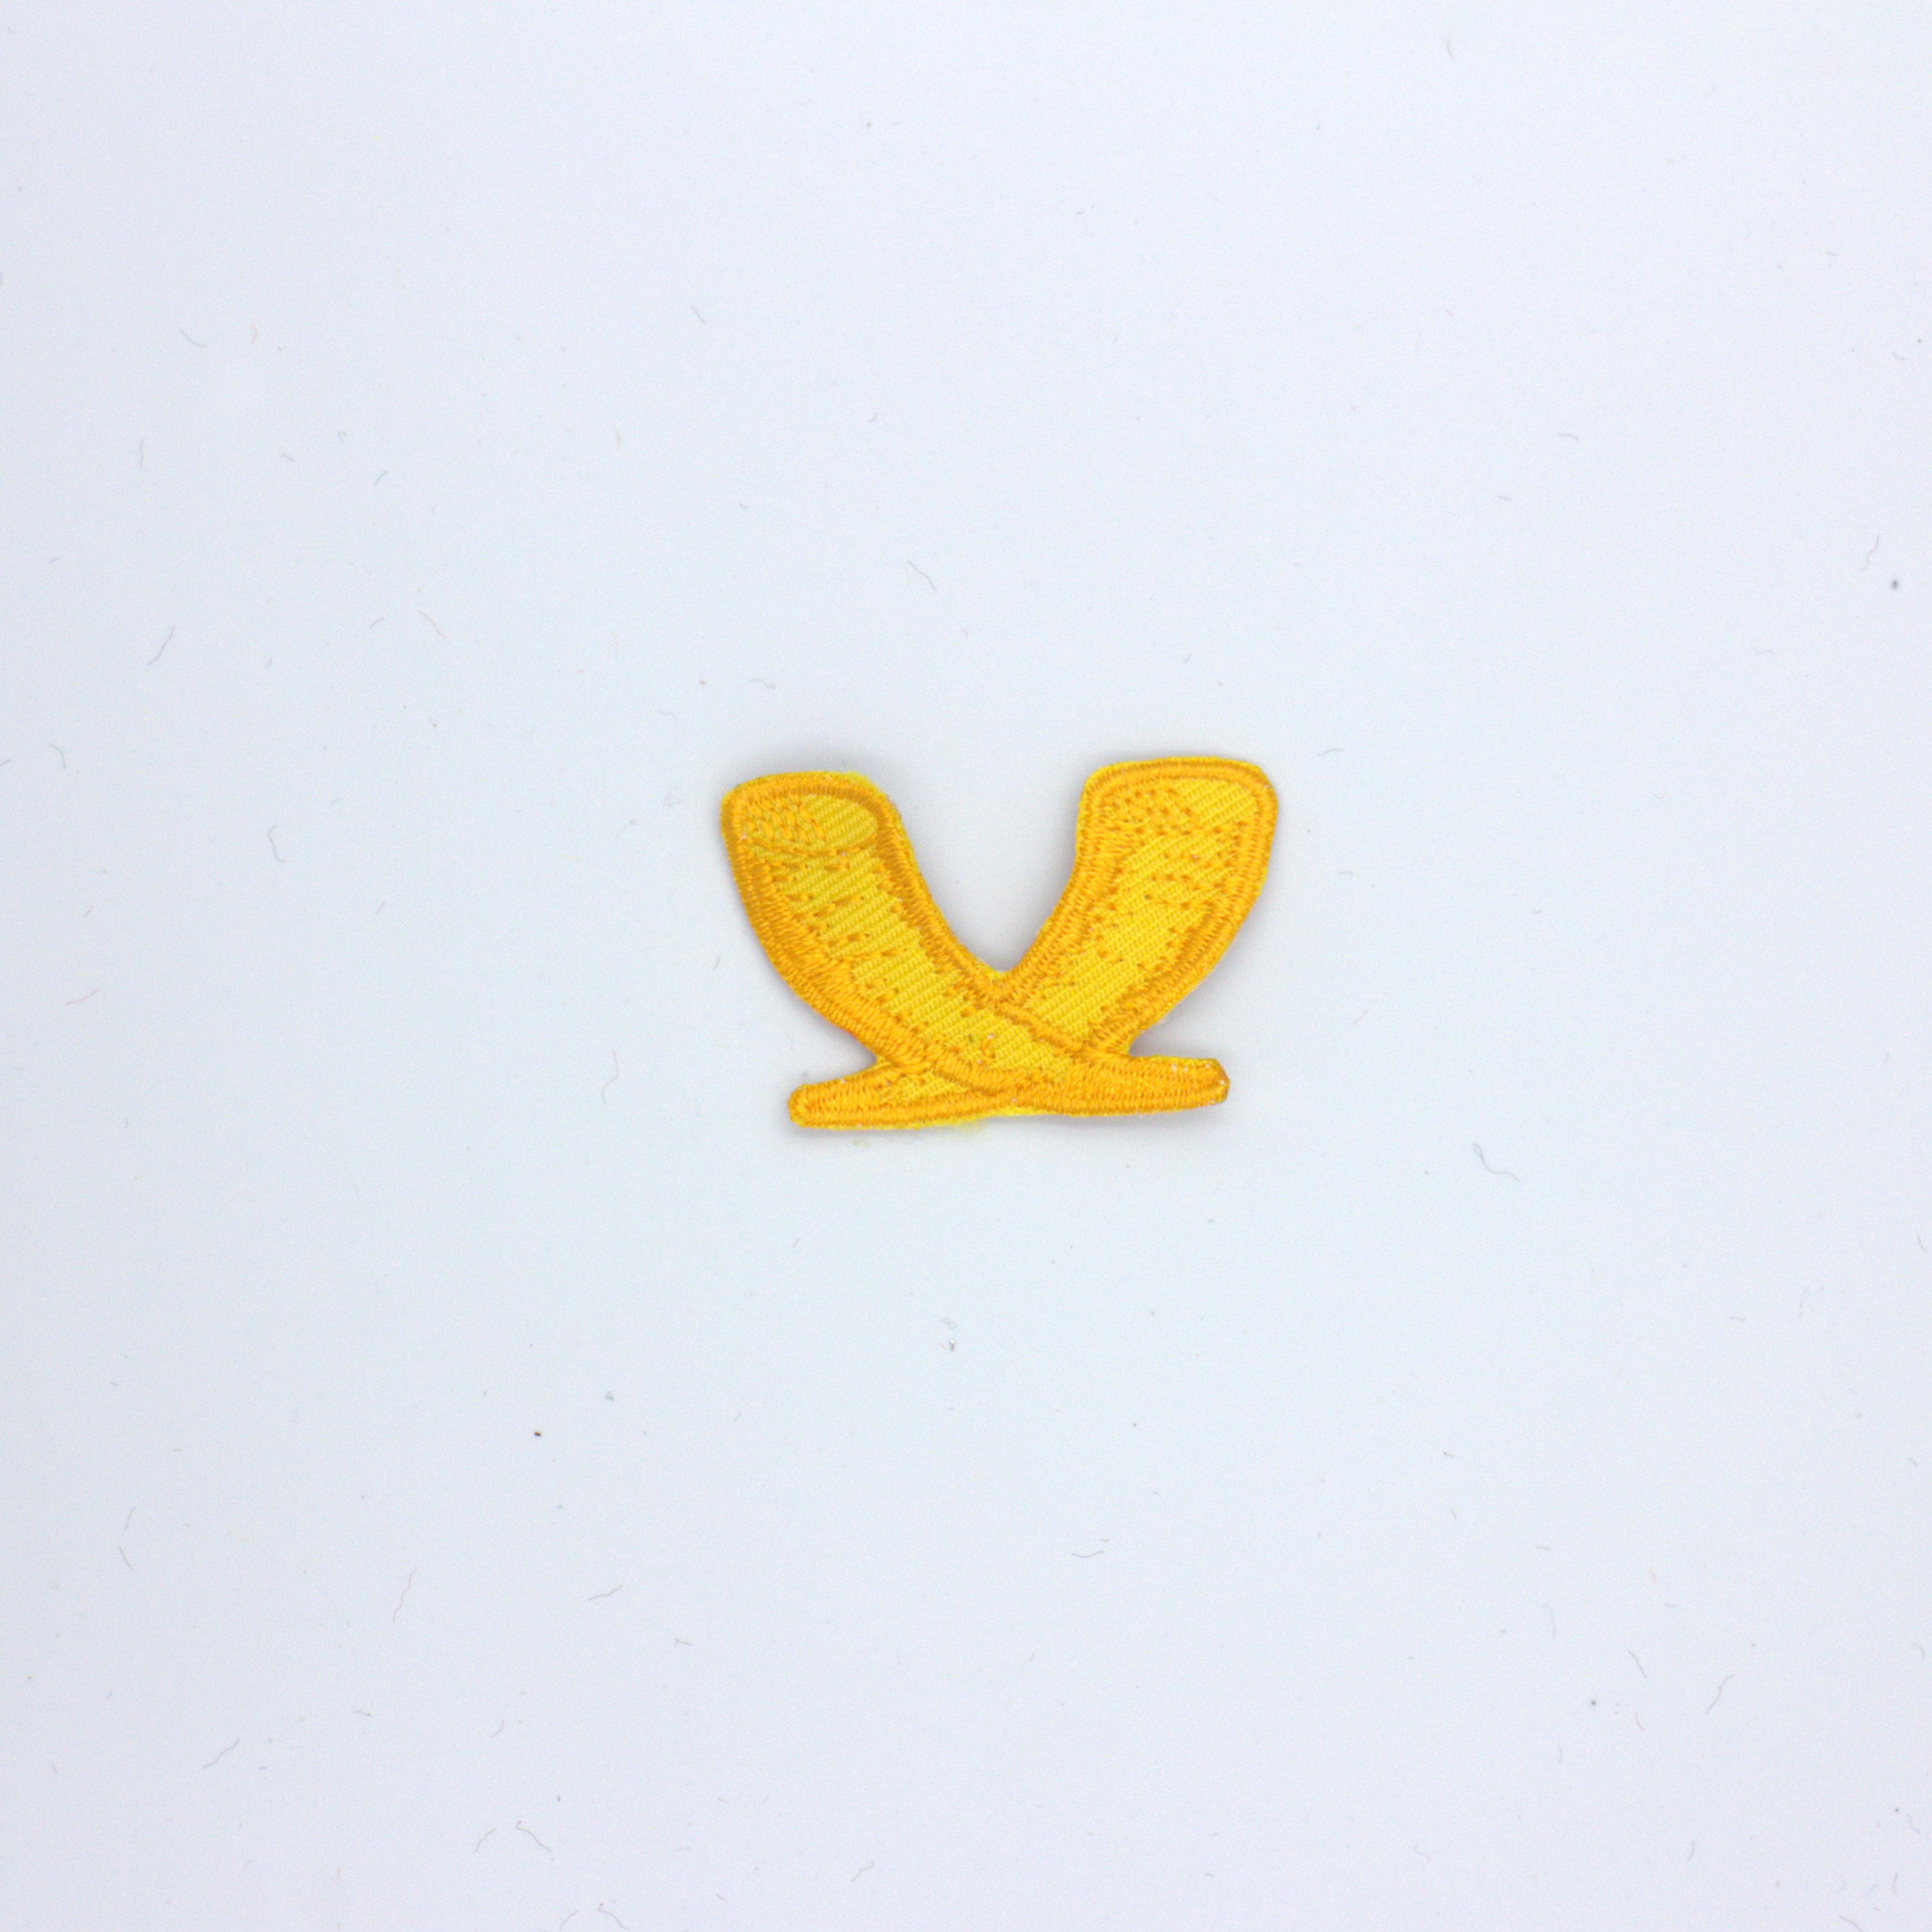 Remendo emblemas bordado applique costura ferro no emblema roupas vestuário acessórios e